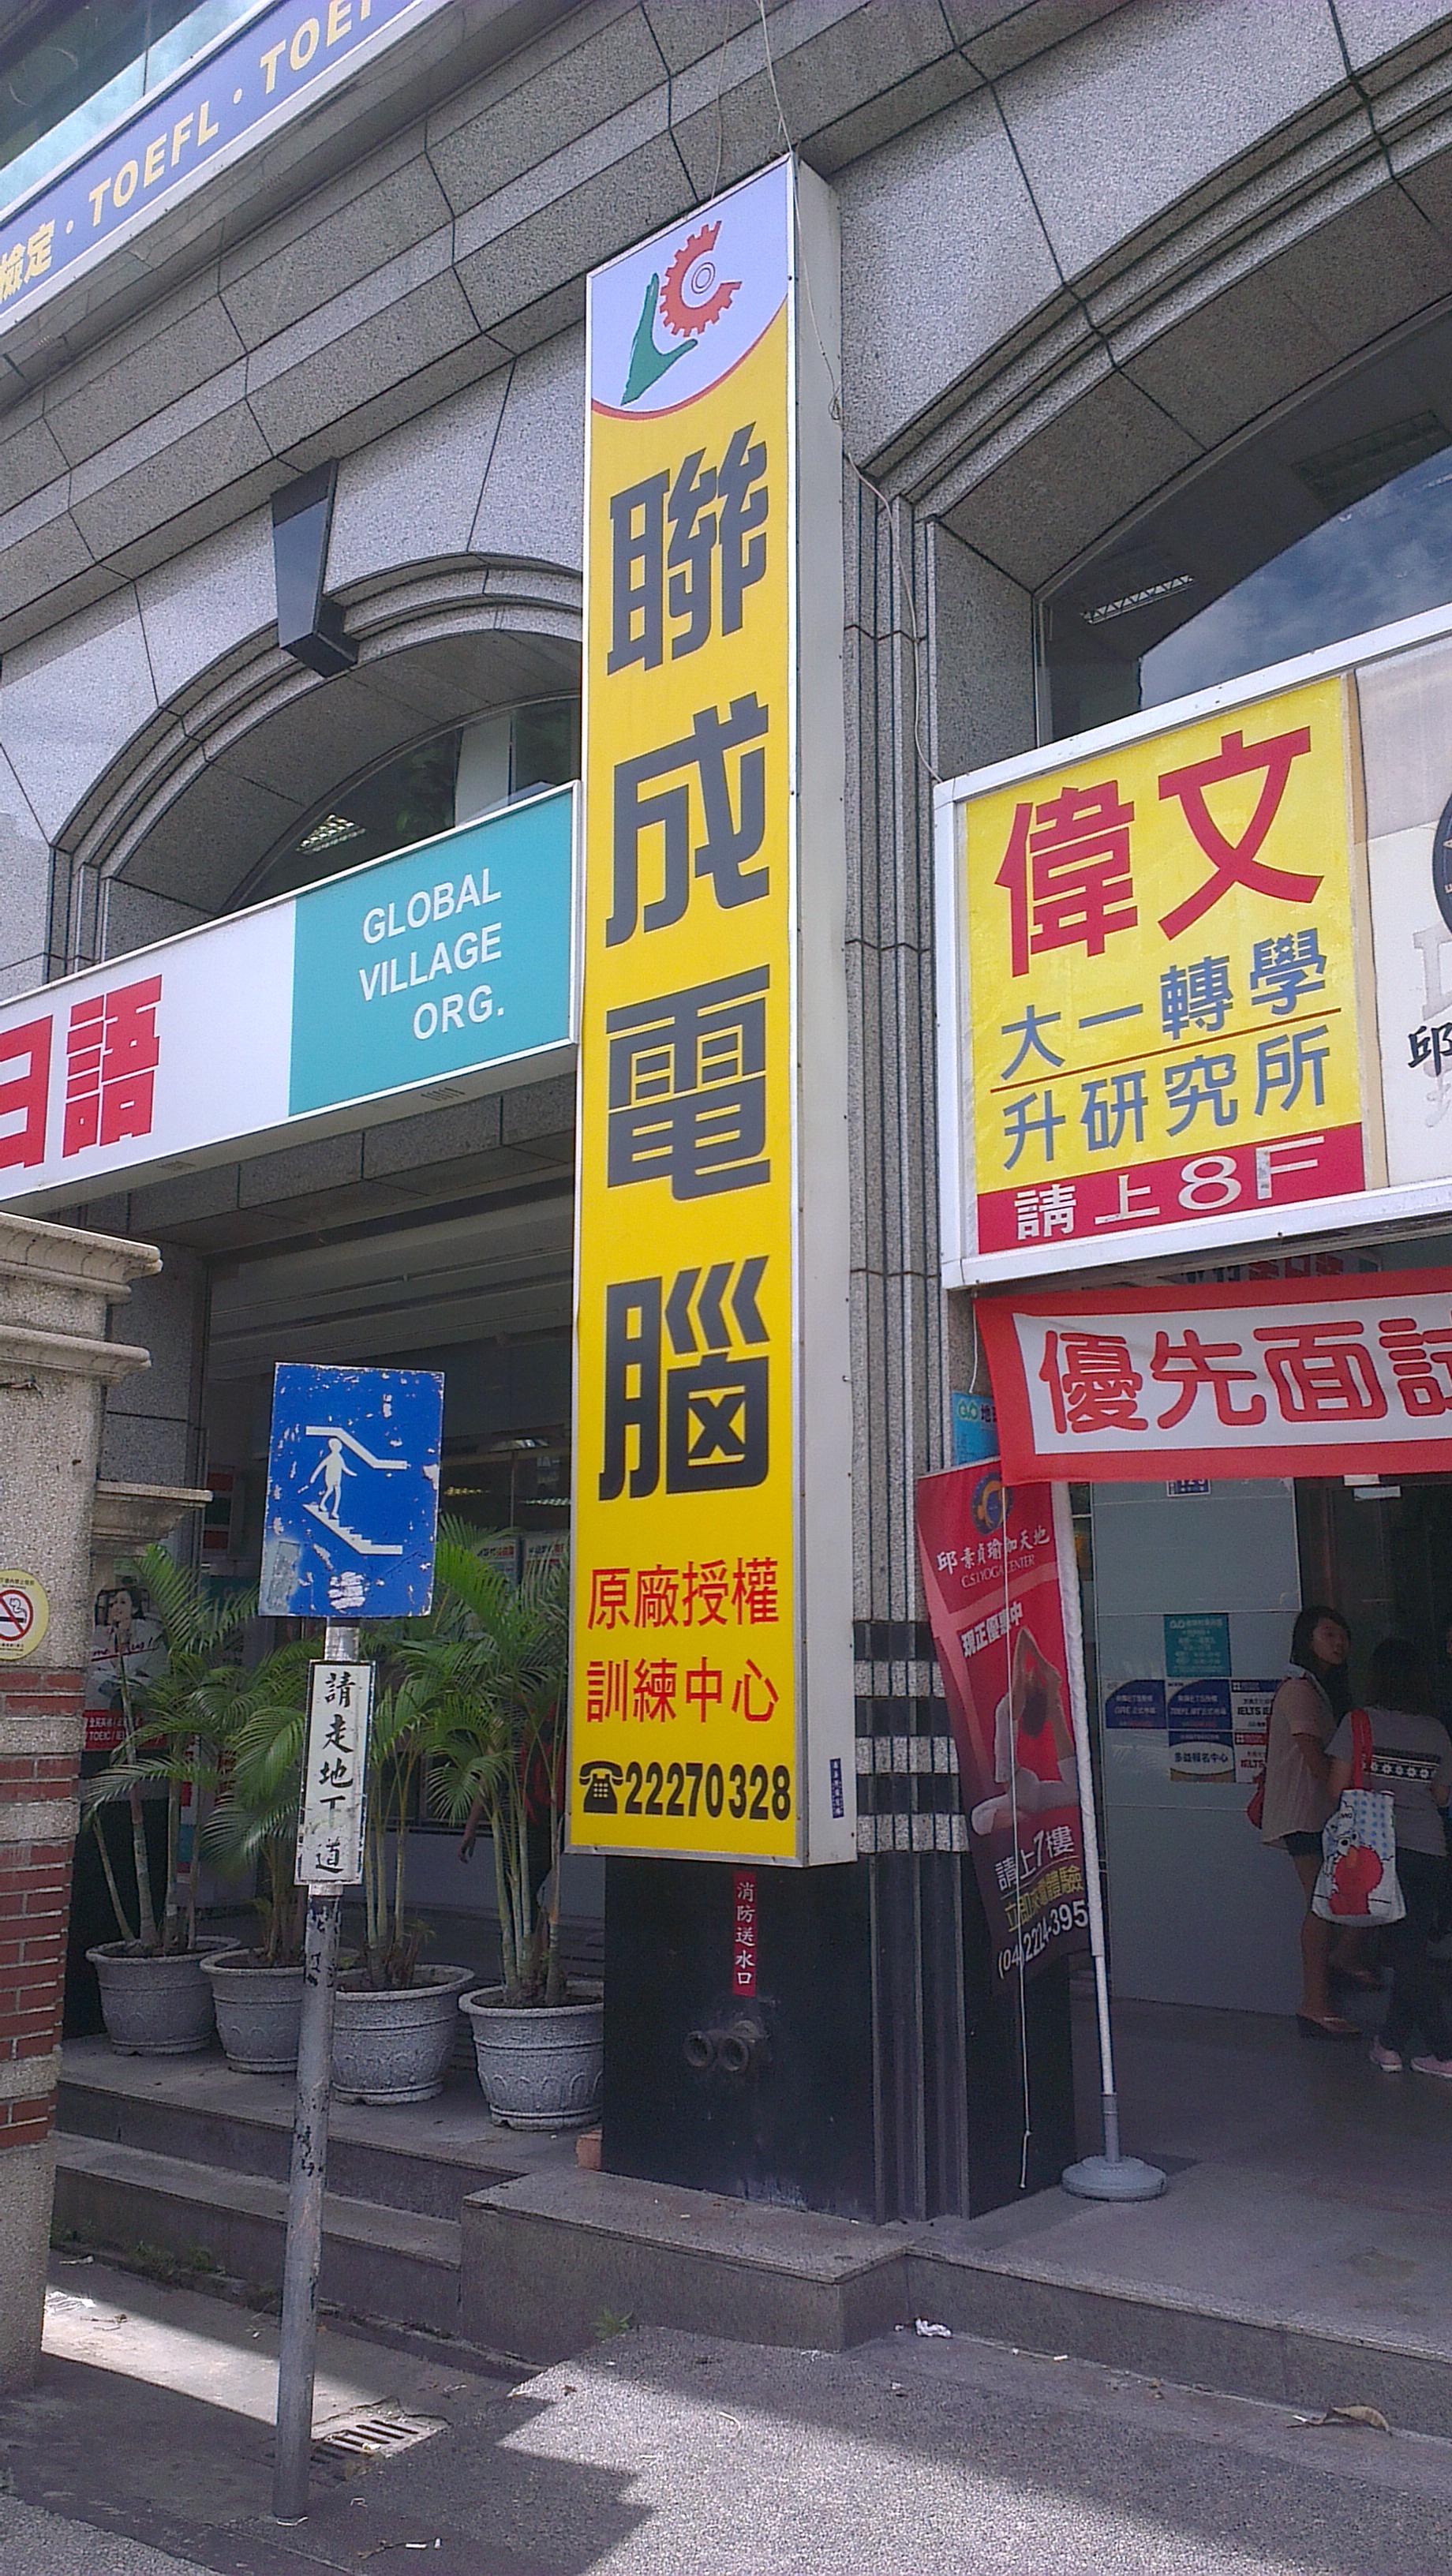 聯成電腦 臺中火車站前 看板更換 - 中將廣告